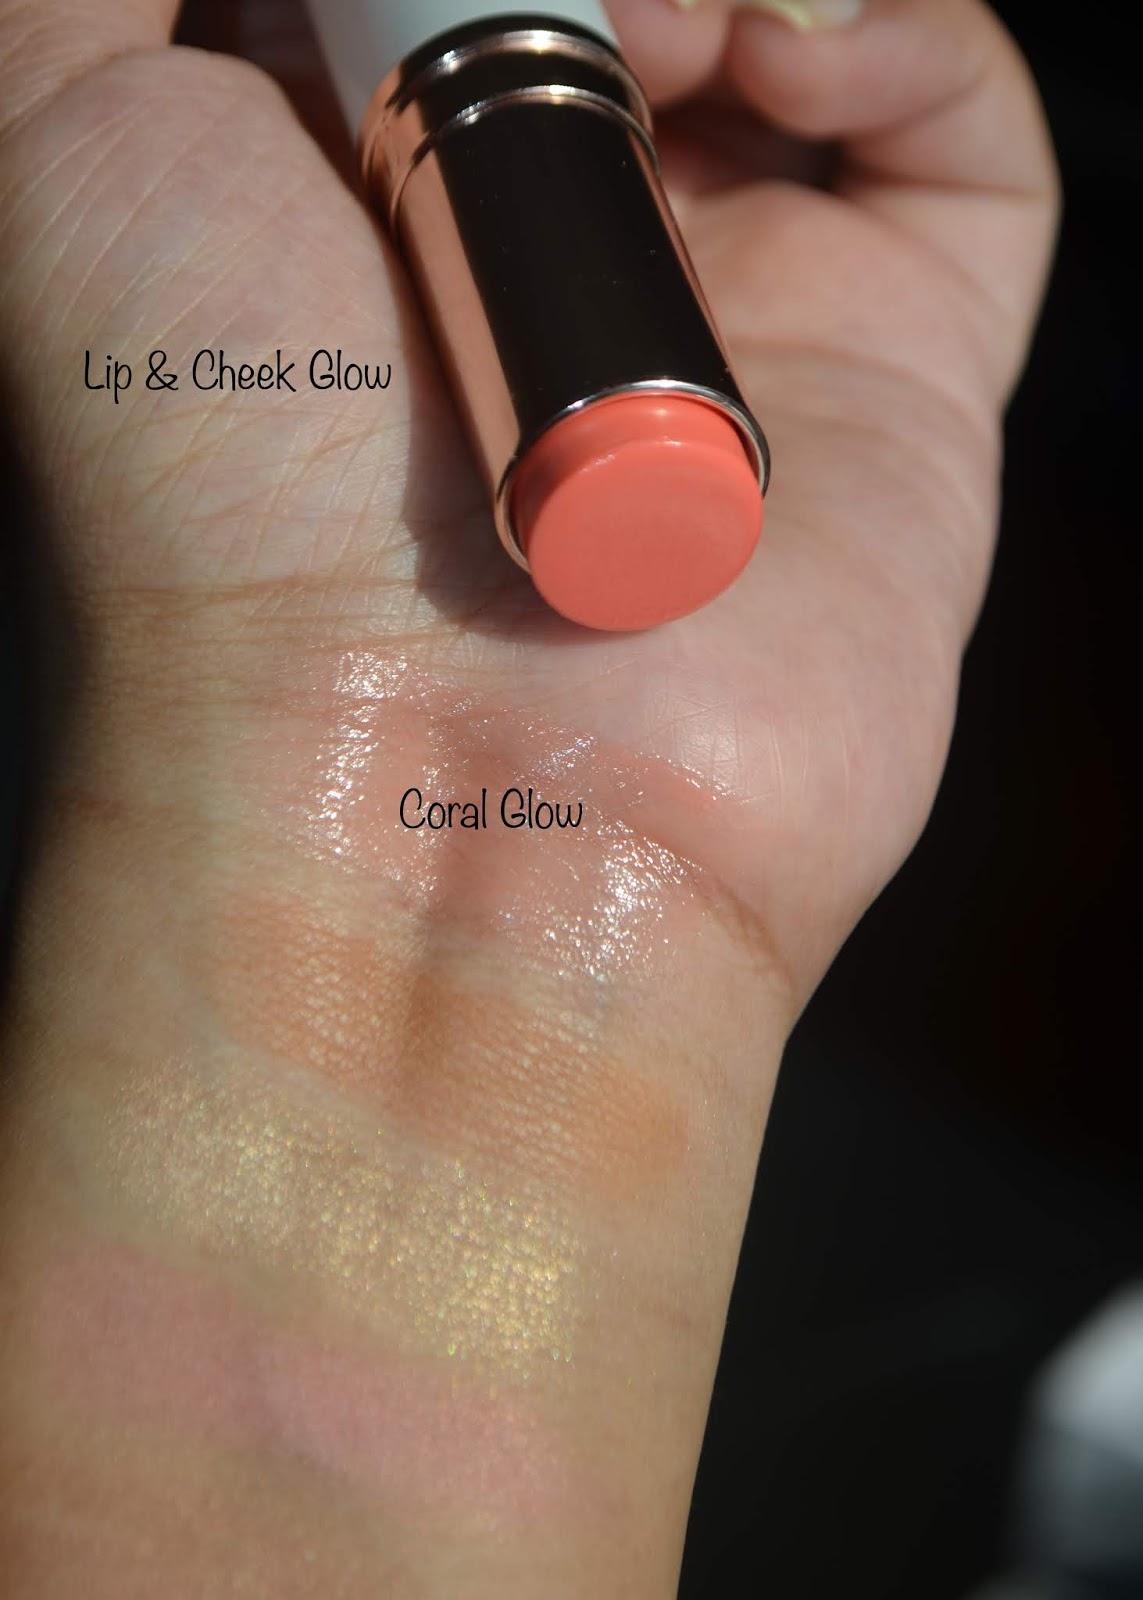 la mer cheek and lip glows